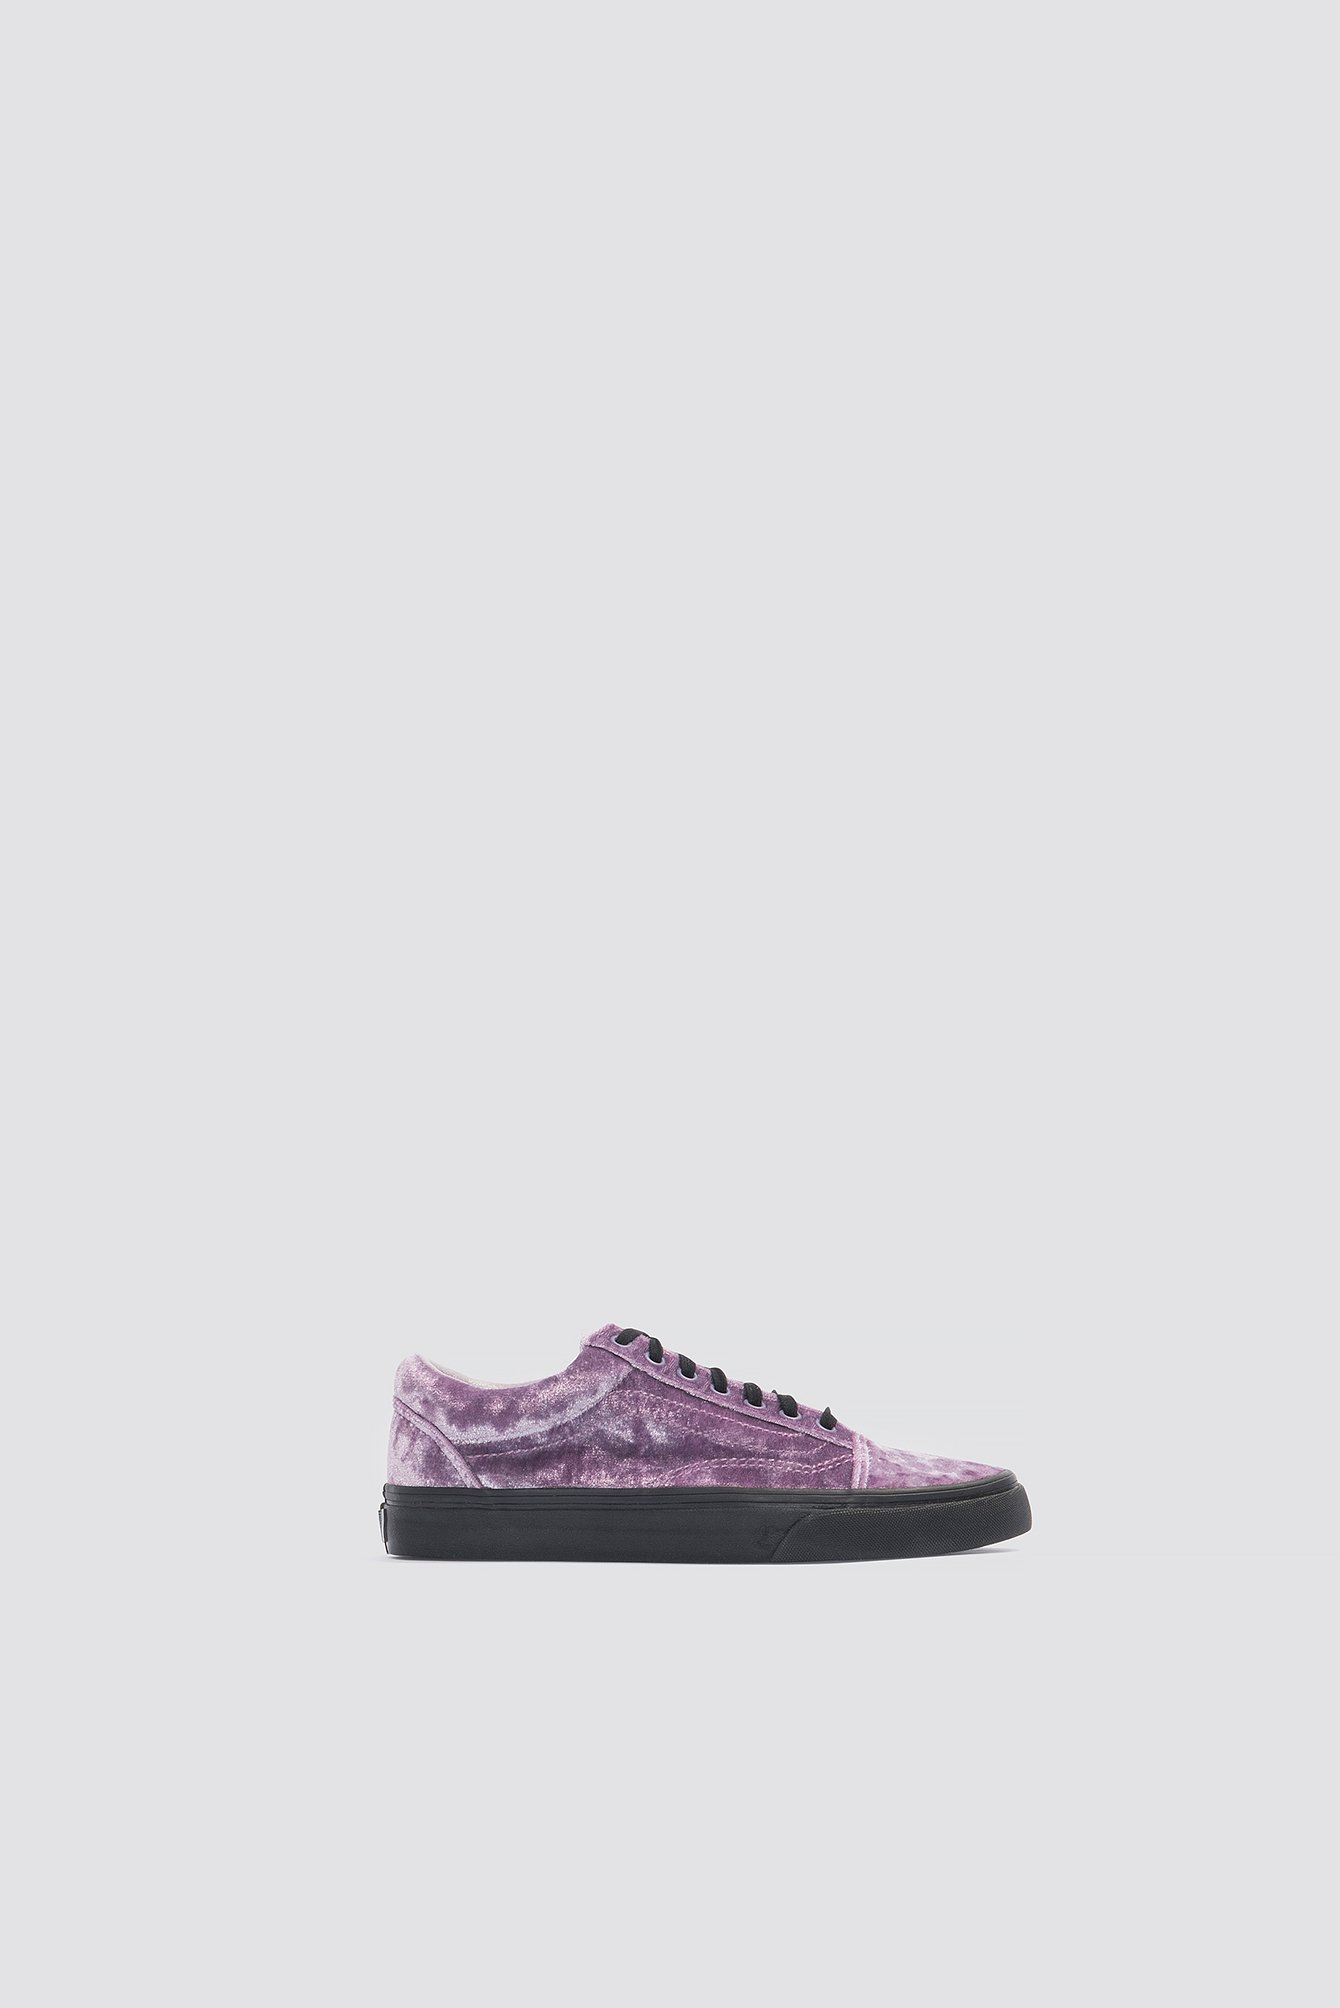 VANS Velvet Old Skool - Purple, Multicolor 1076-000054-4473